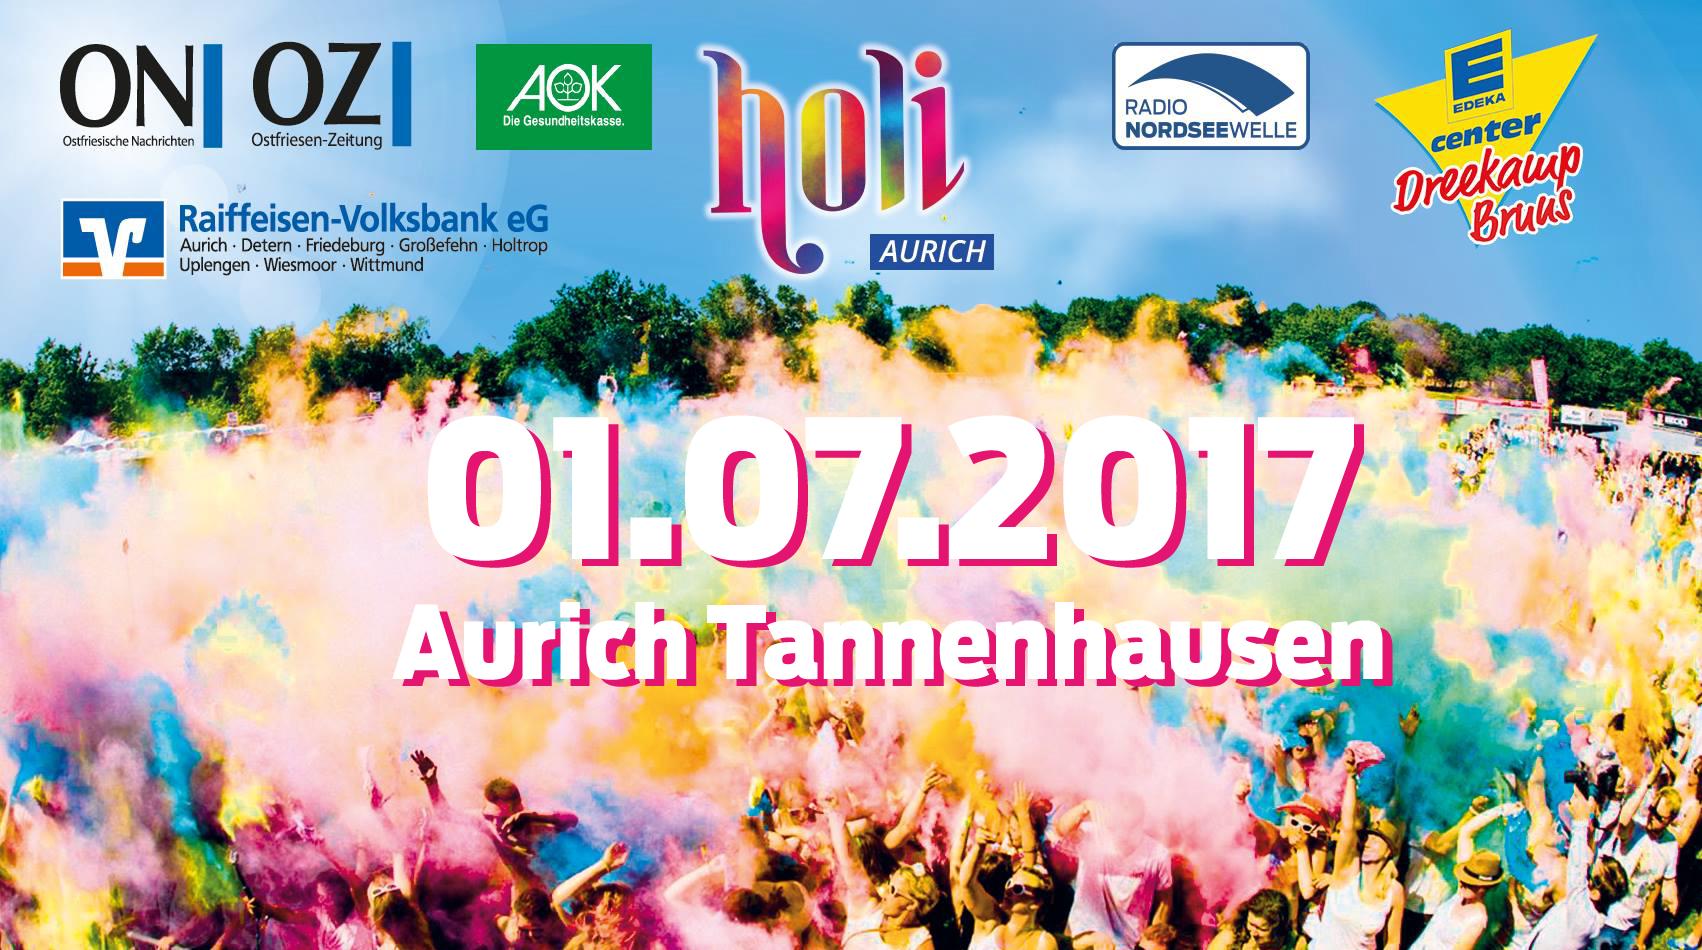 Holi Aurich 2017 3